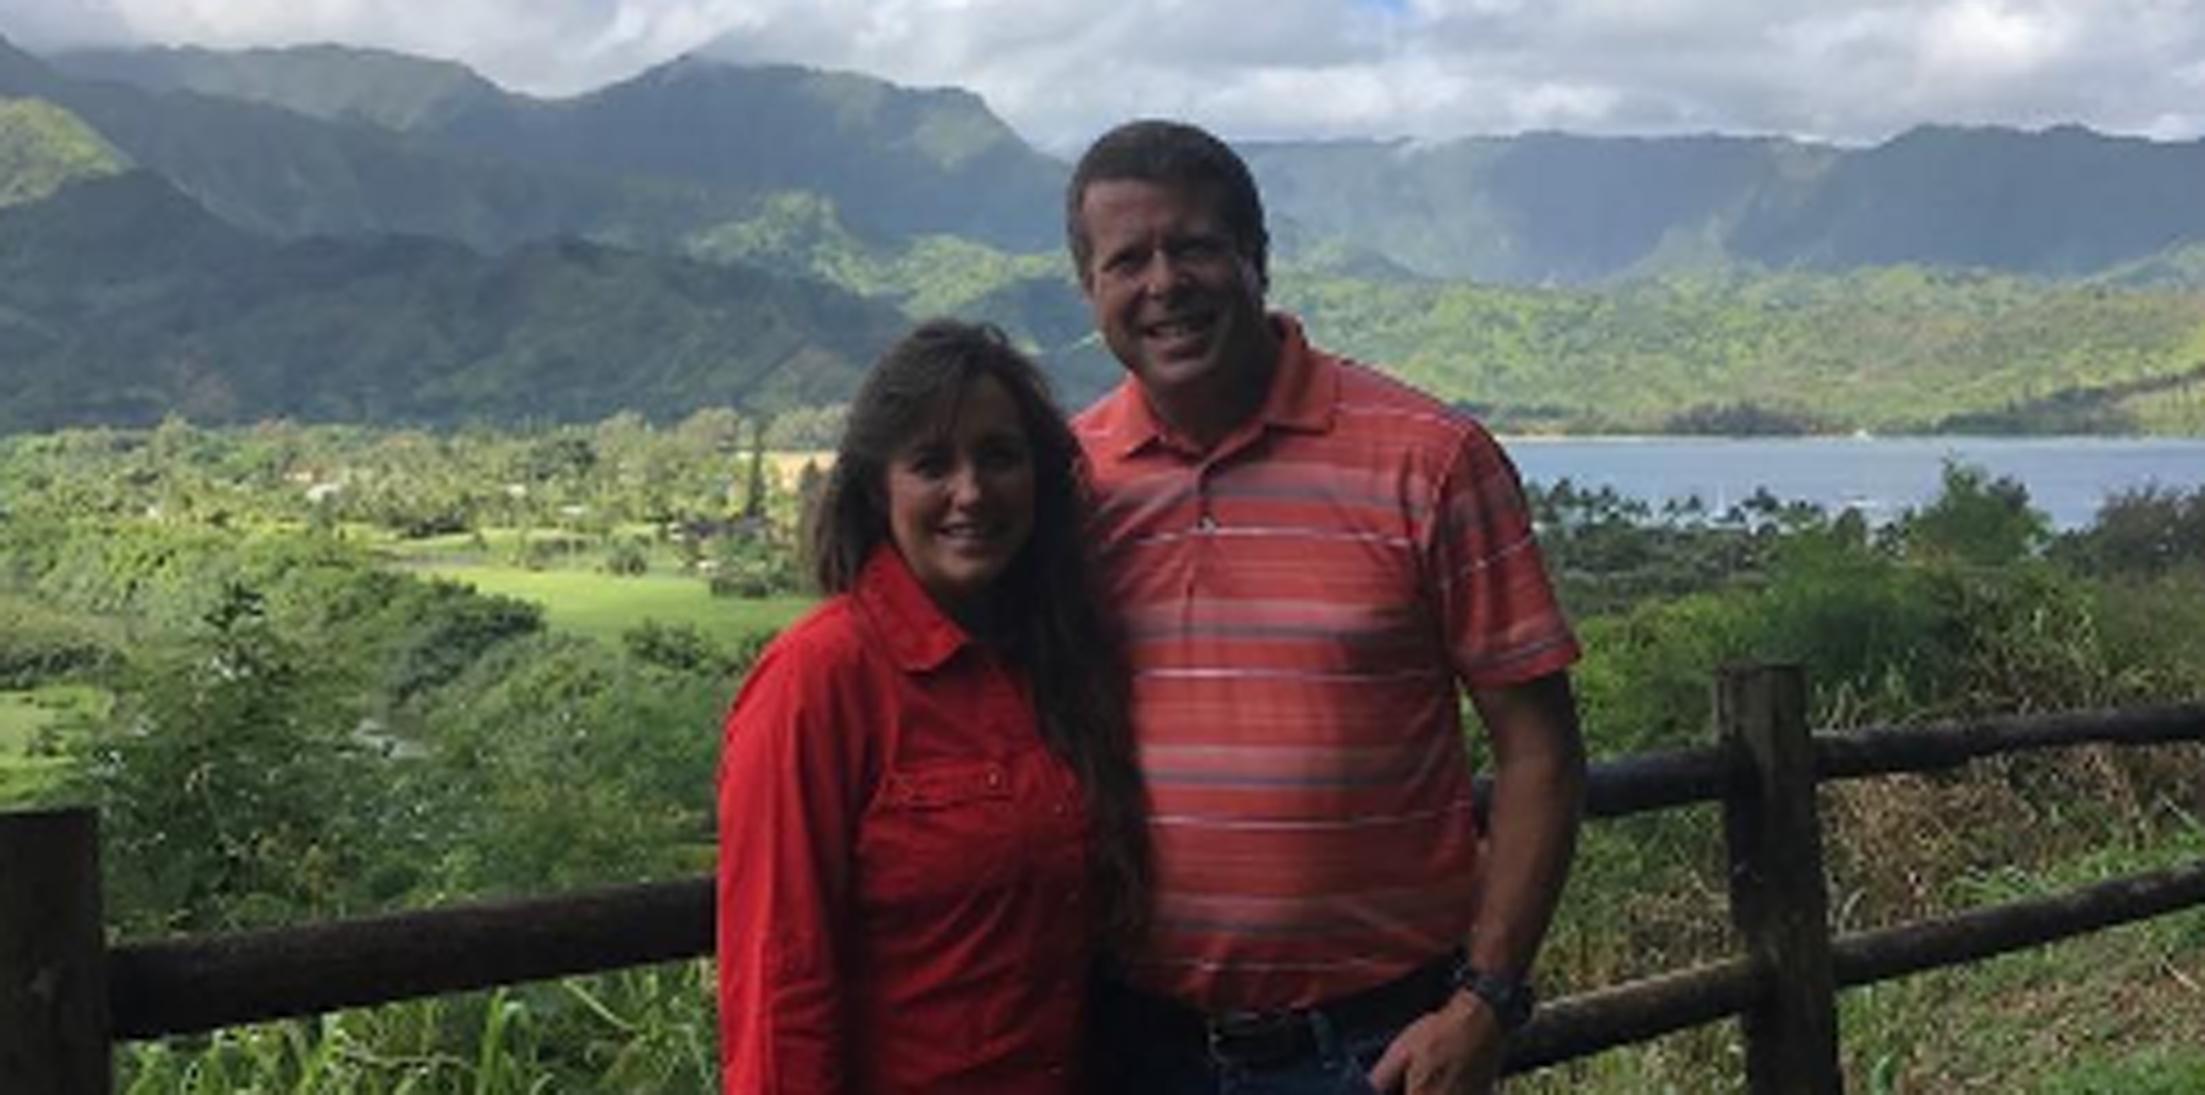 Jim bob michelle duggar get wild on hawaiian vacation hero